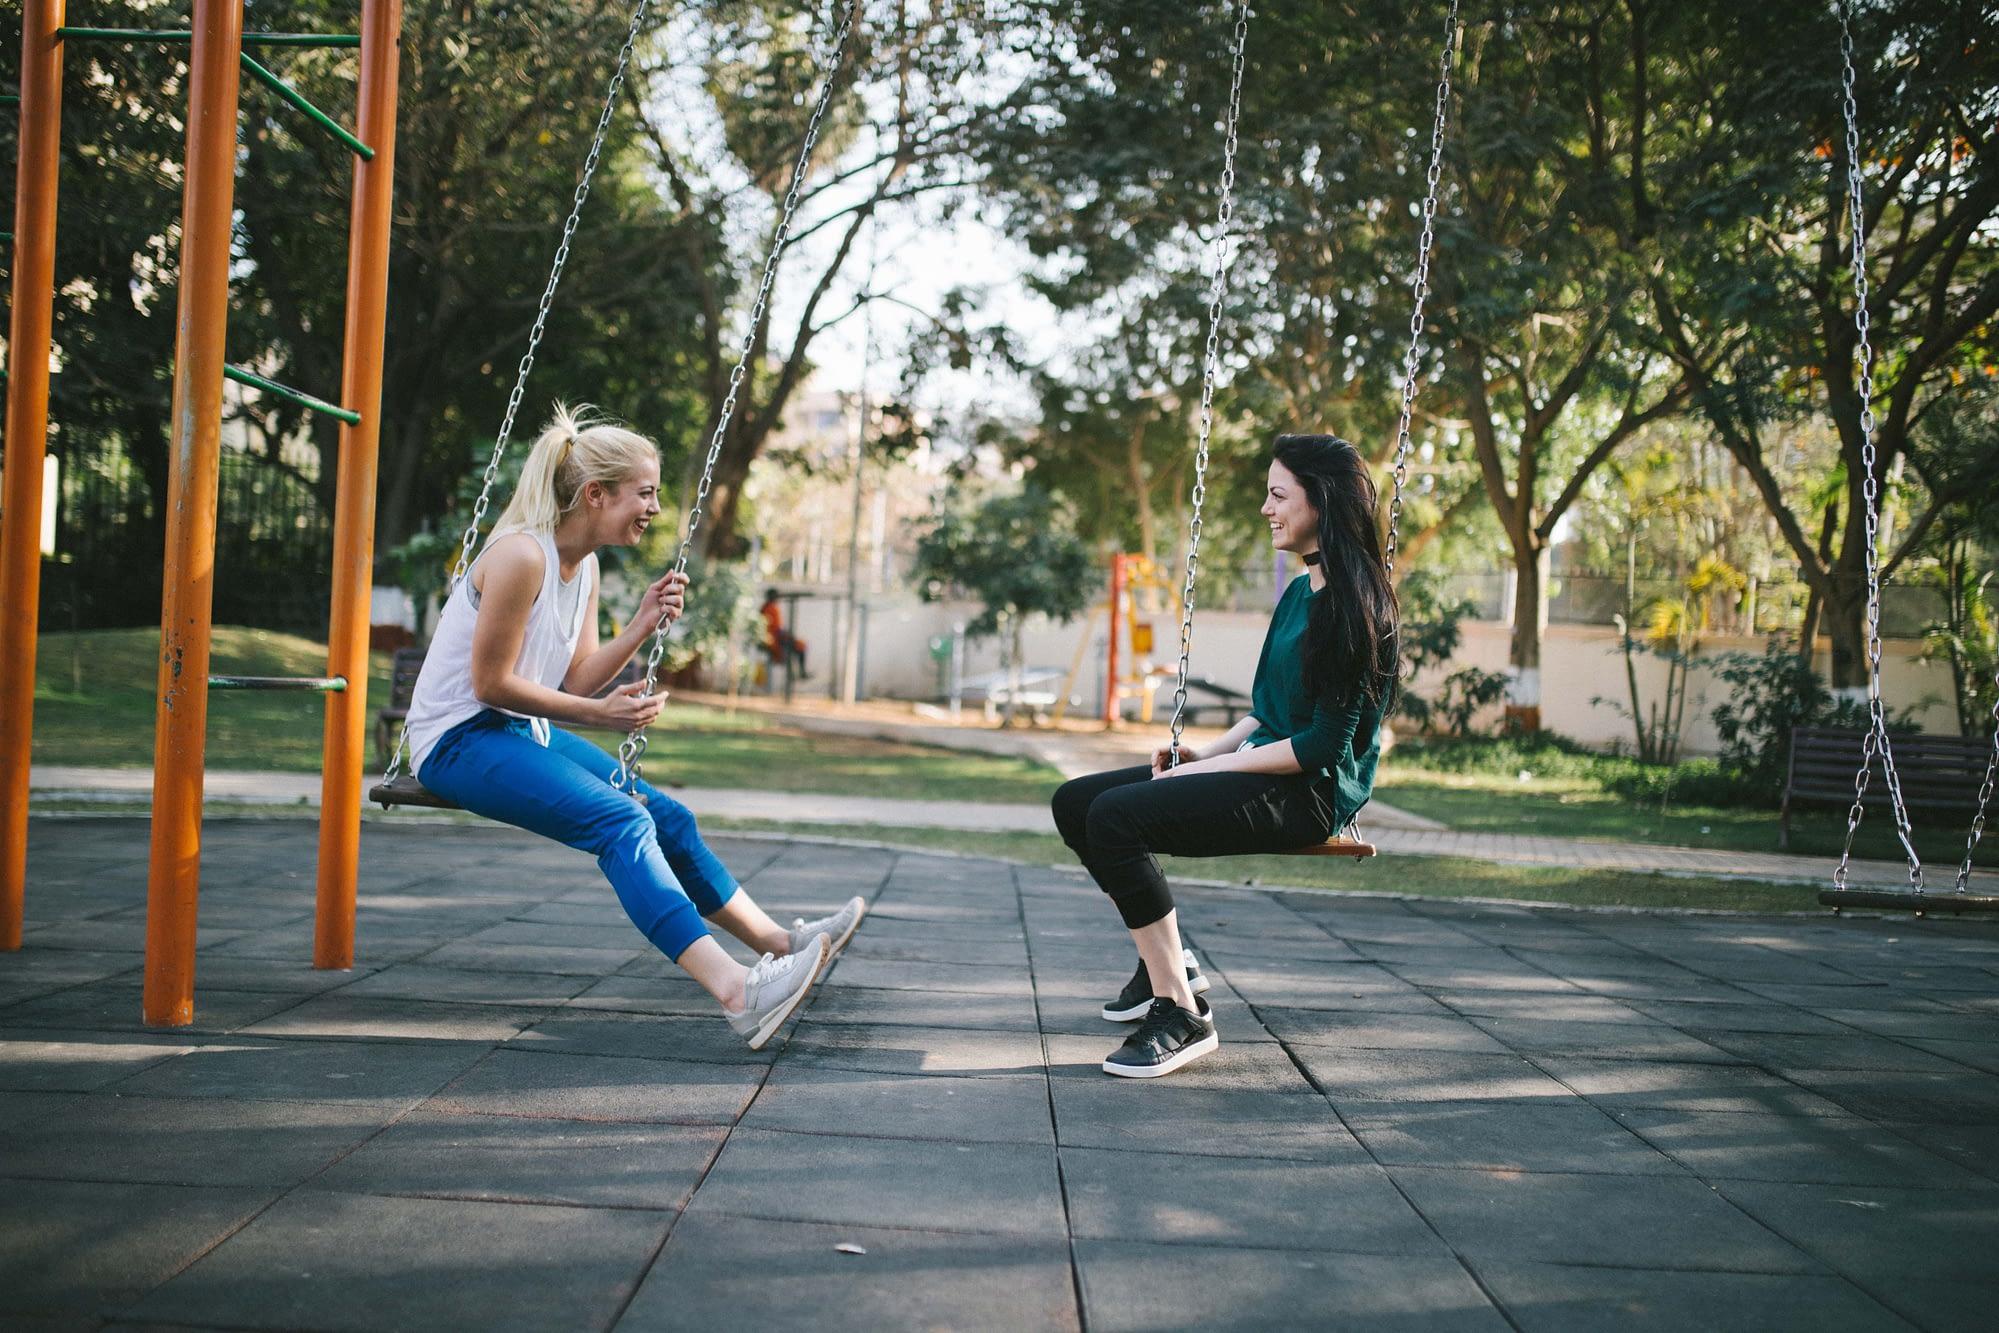 women talking on swings